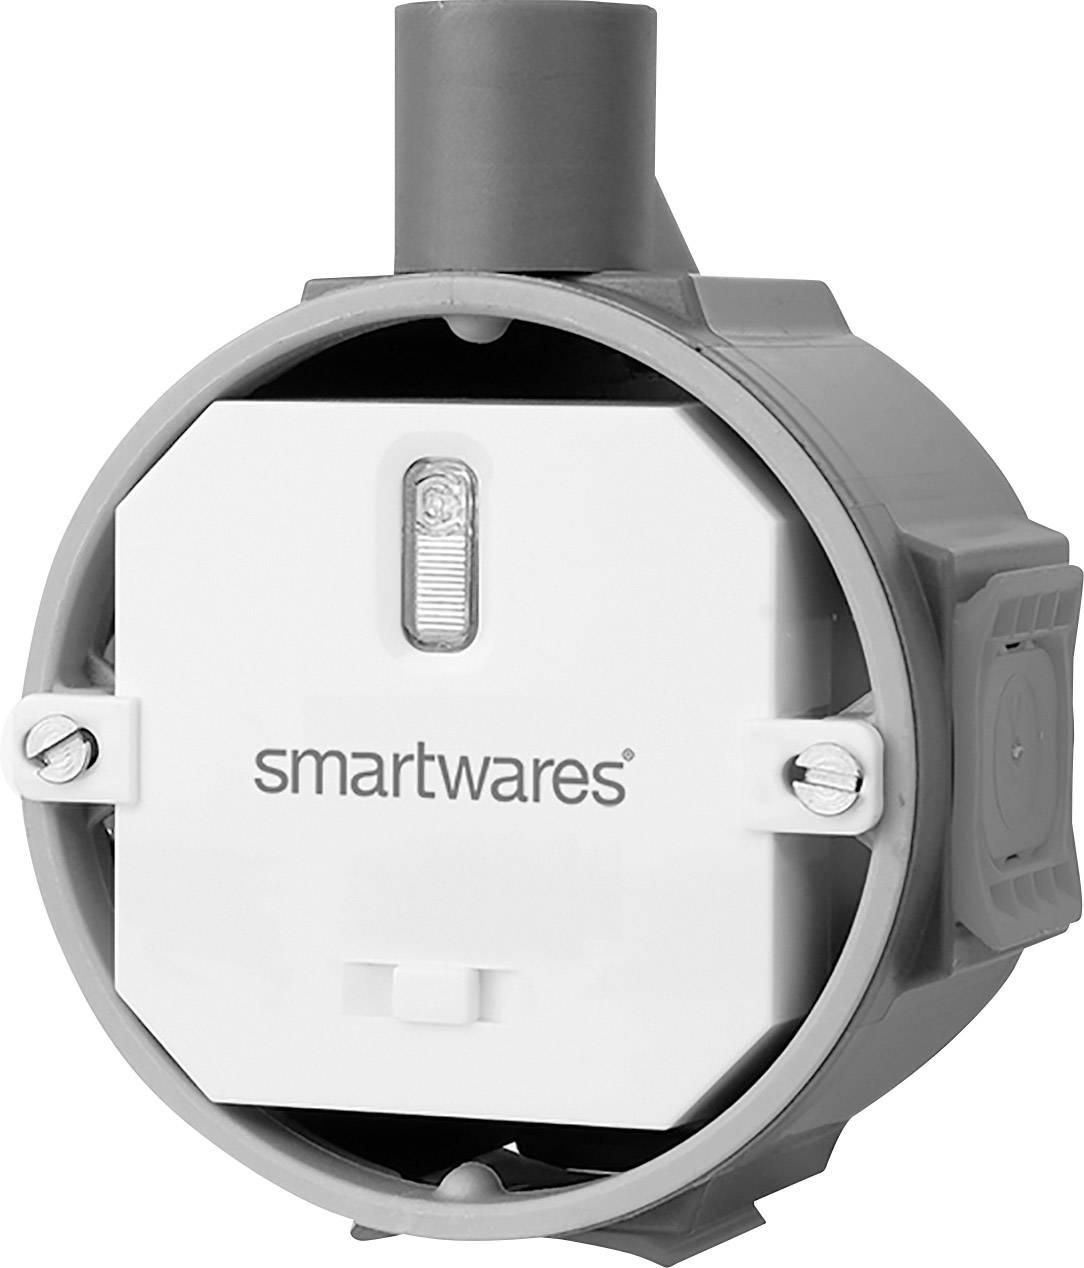 Commutateur sans fil Smartwares SH5-RBS-10A Smartwares ...